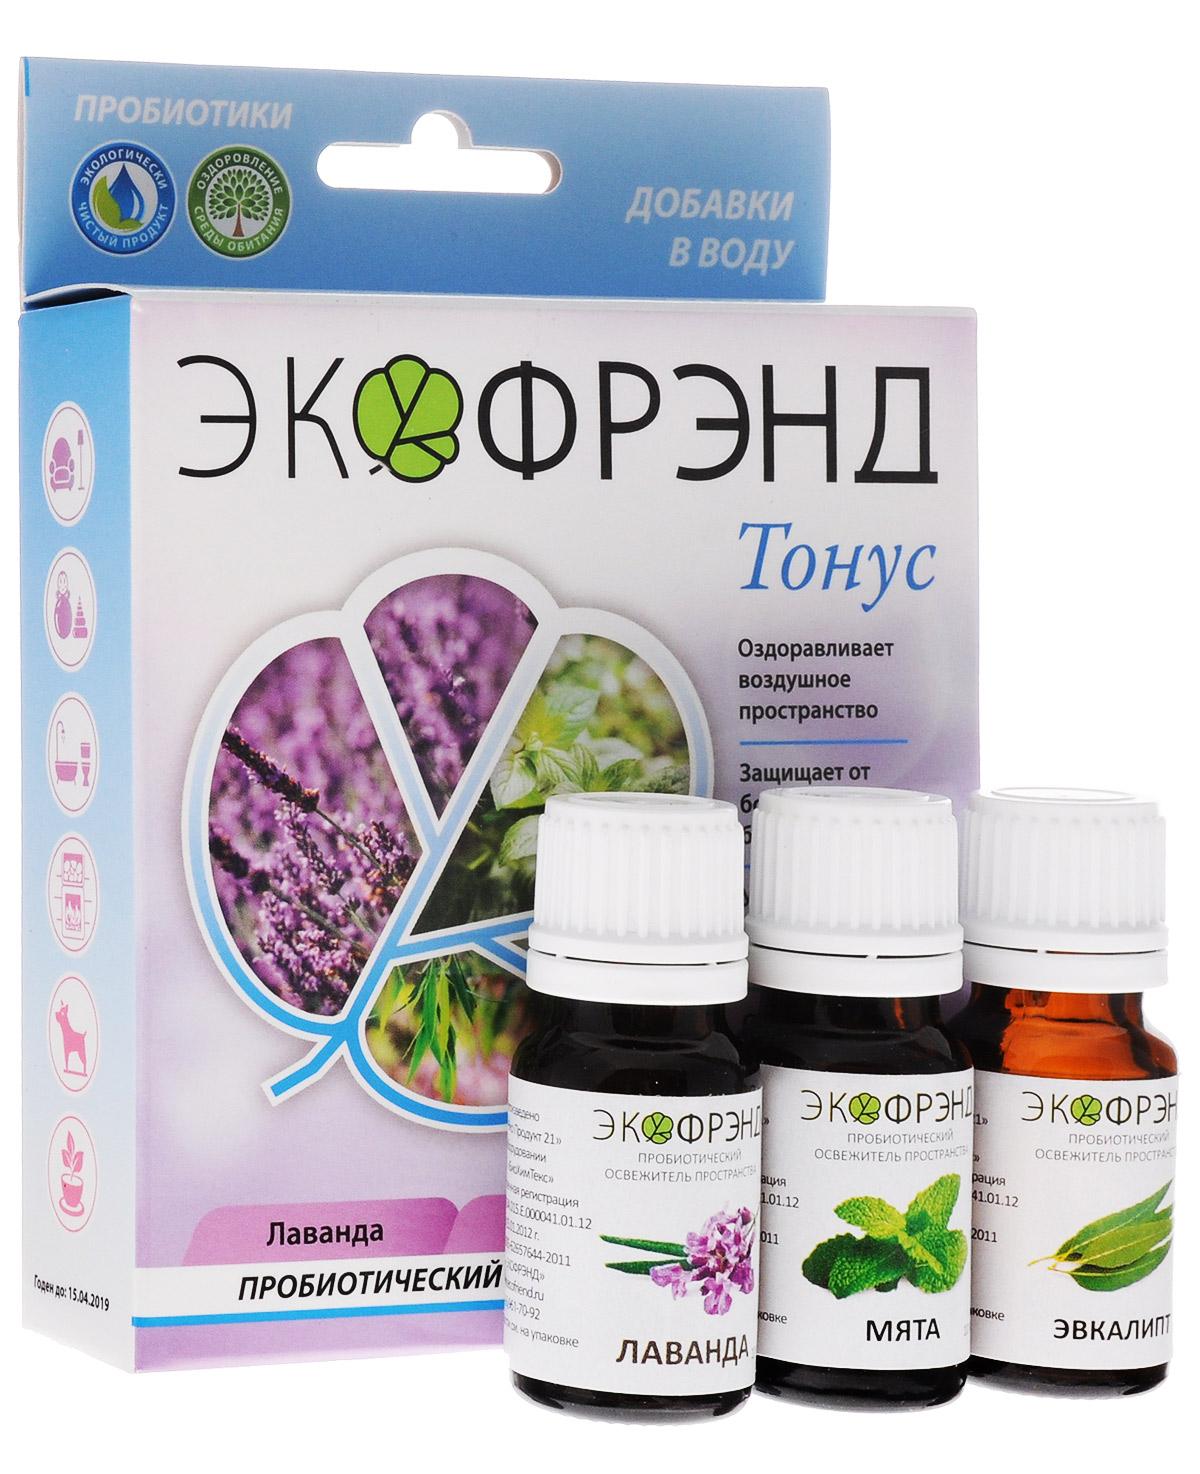 Экофрэнд Тонус пробиотический освежитель пространства Лаванда, Мята, ЭвкалиптТОНУСЭкологичное пробиотическое средство - концентрат, на основе эфирного масла лайма. Средство устраняет пыль, гарь, смог, неприятные запахи, очищает воздух и создает защиту на микробиологическом уровне. Нейтрализует негативное воздействие окружающей среды и электромагнитное излучение, оздоравливает воздушное пространство. Освежитель не разрушает озоновый слой, не раздражает кожу и дыхательные пути. «Тонус» (с эфирной компонентоймасла лайма), как и другие цитрусовые, является прекрасным антисептиком.Освежающий запах оказывает стимулирующее и тонизирующее воздействие. Подарит чувство покоя, повысит настроение и придаст оптимизма. При распылении в пространстве помещения обладает антивирусным, антисептическим, бактерицидным и жаропонижающим воздействием на человека.